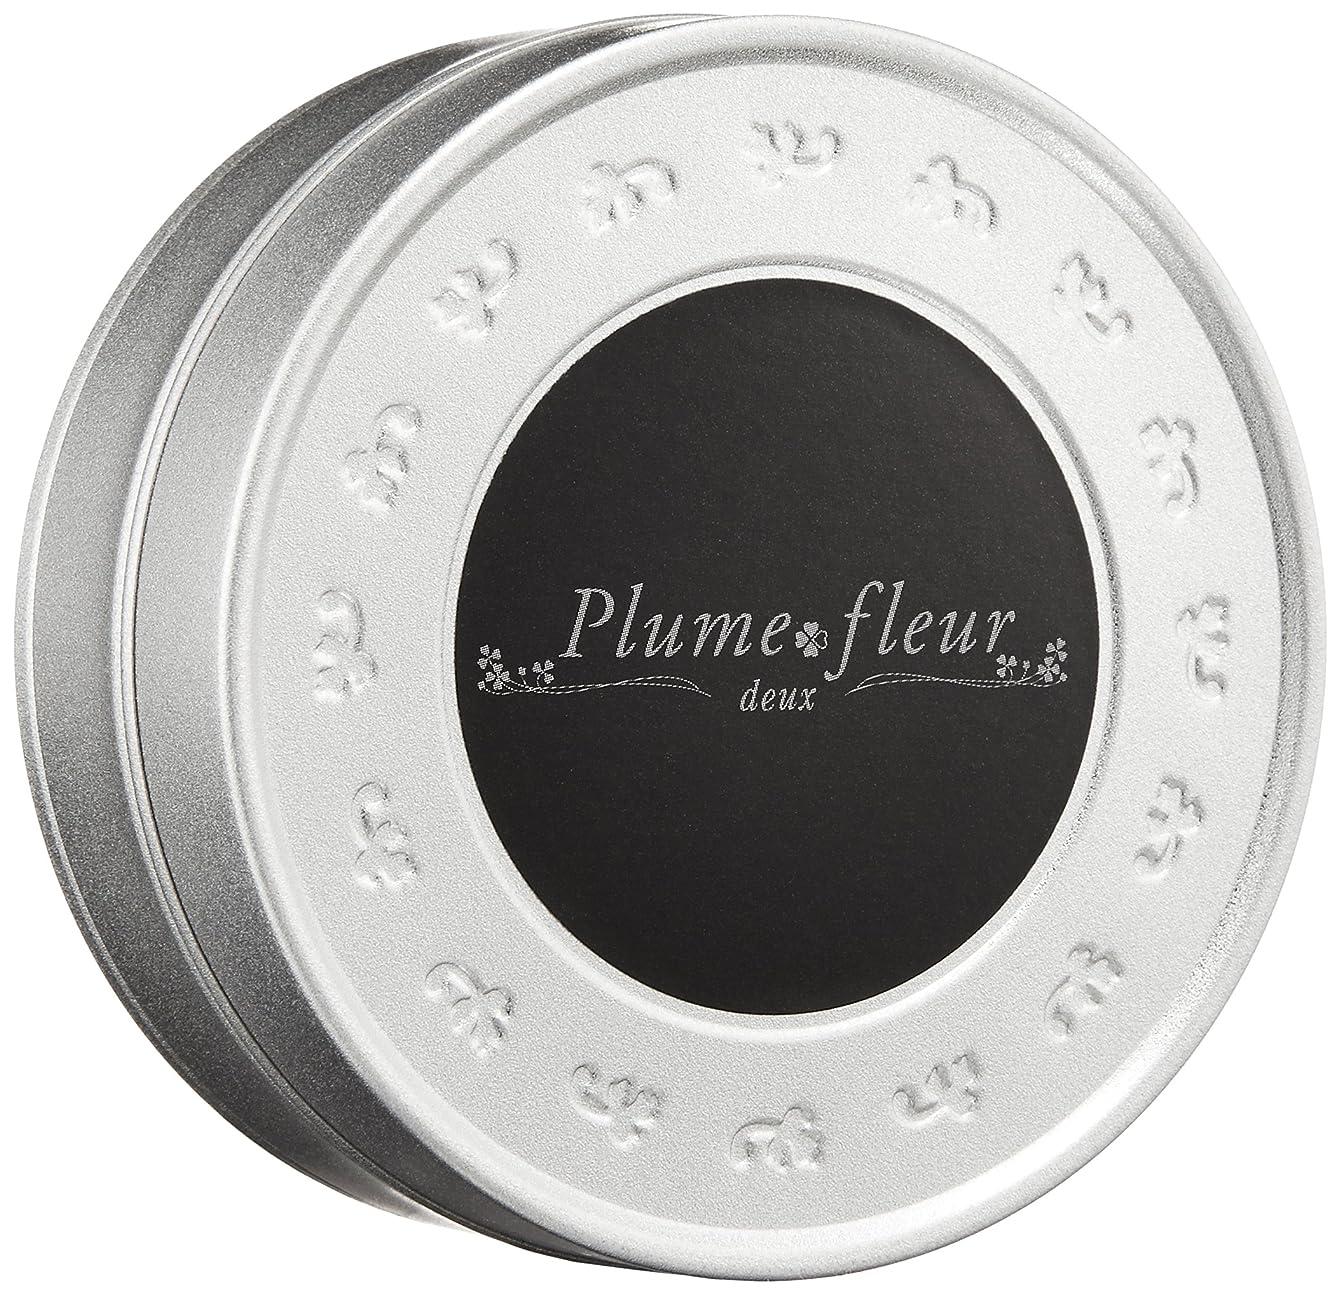 スポーツ肌寒い書店Plume fleur -deux-(プルームフルール?WH)